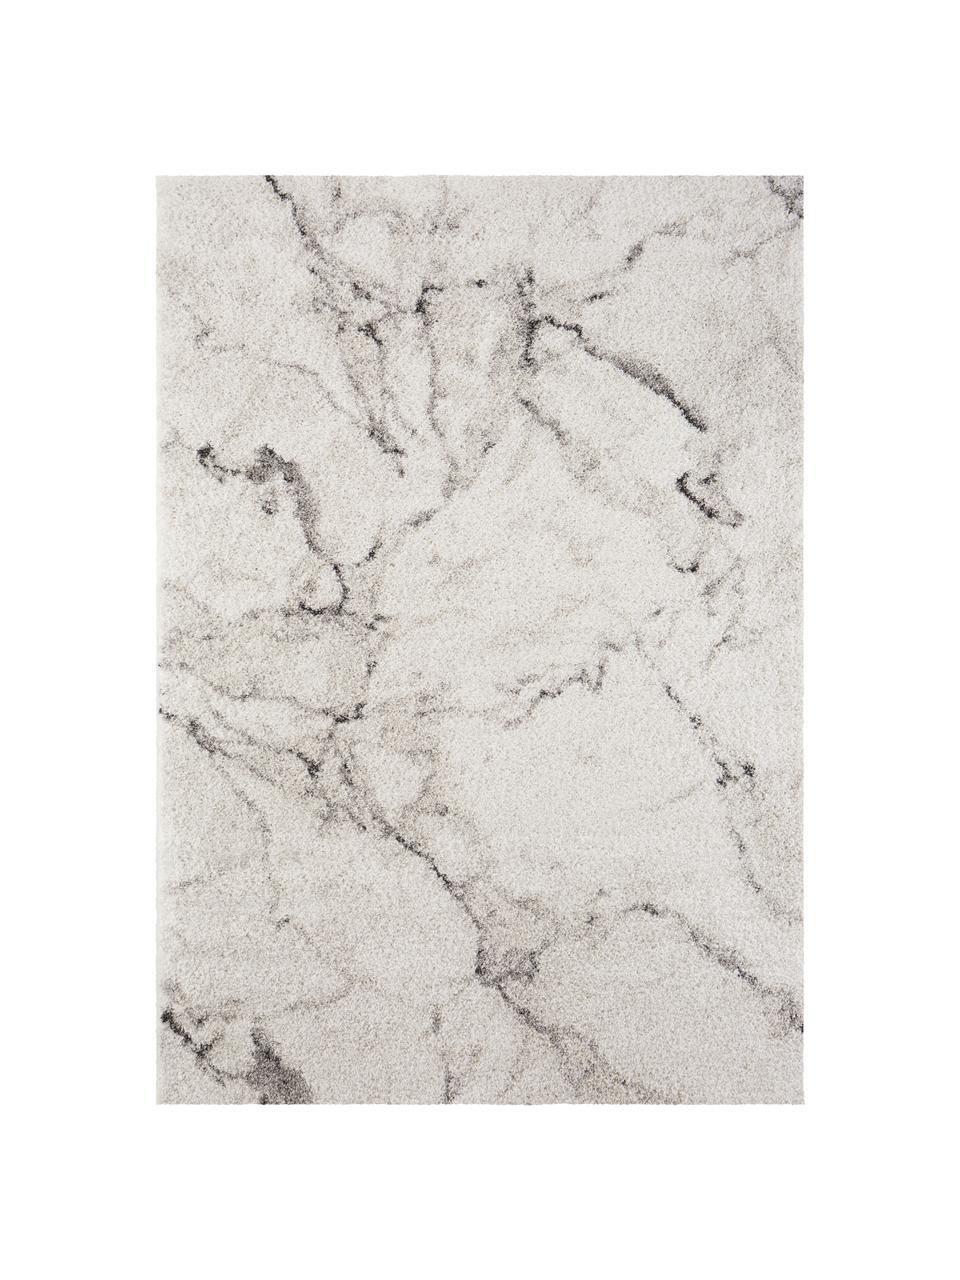 Zacht hoogpolig vloerkleed Mayrin met gemarmerd patroon, Bovenzijde: 100% polypropyleen, Onderzijde: jute, Crèmekleurig, grijs, B 160 x L 230 cm (maat M)